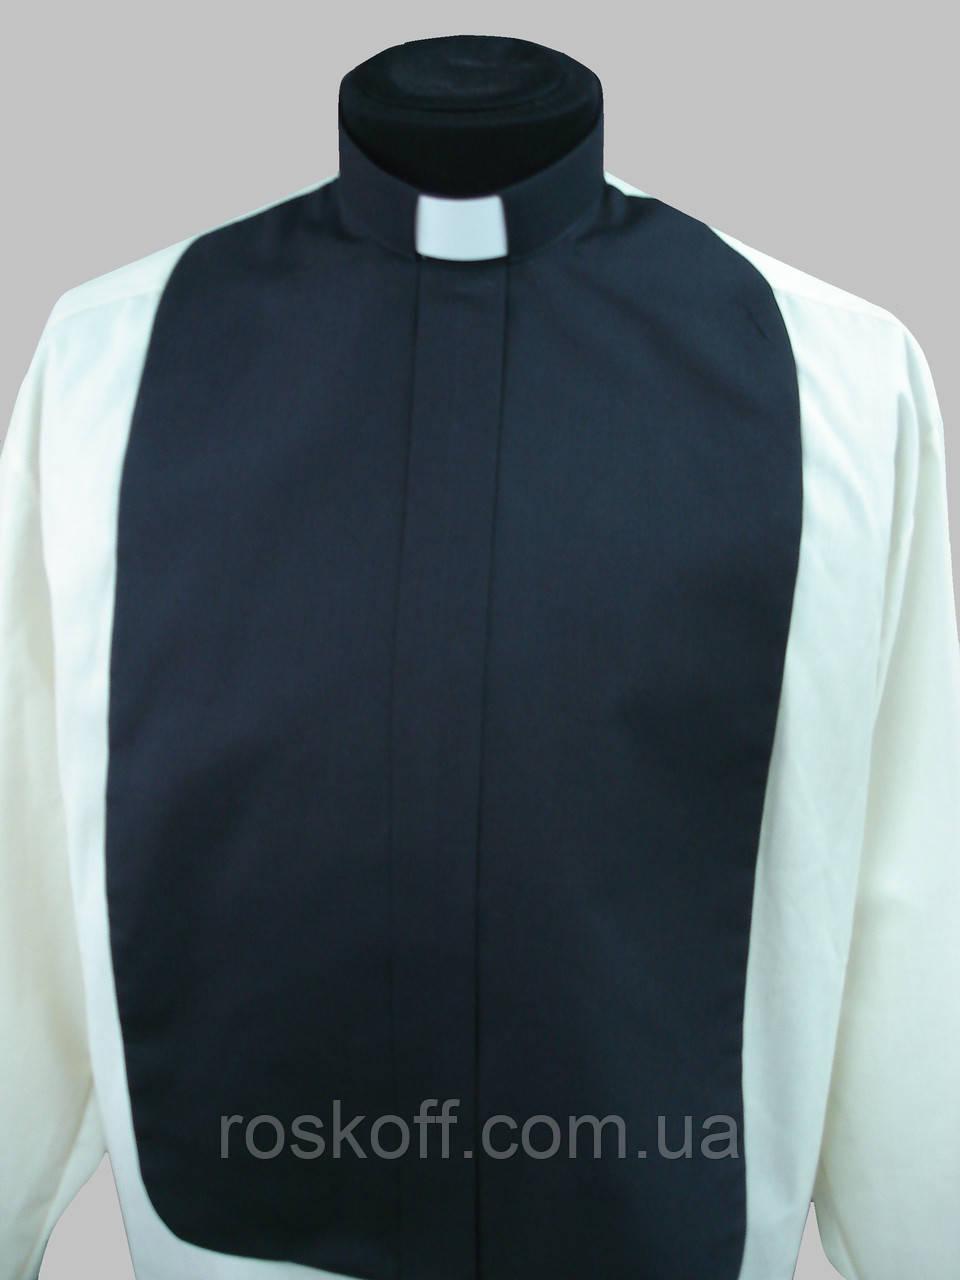 Манишка для священника черного цвета